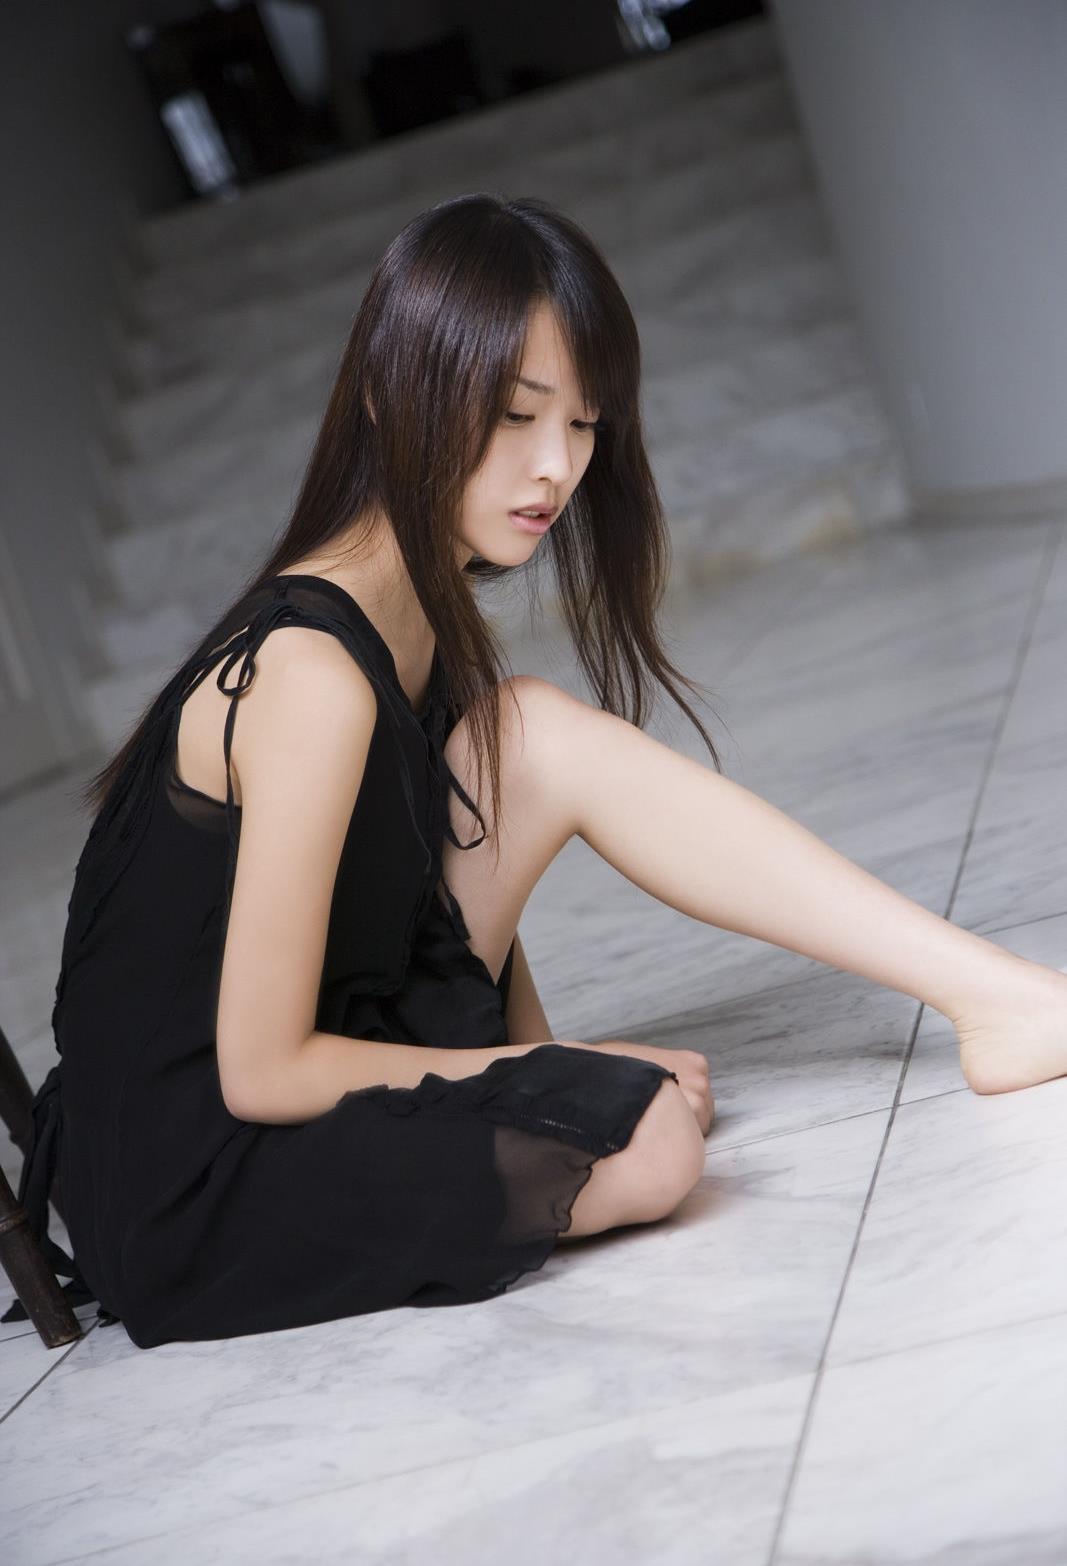 戸田恵梨香 エロ画像 32